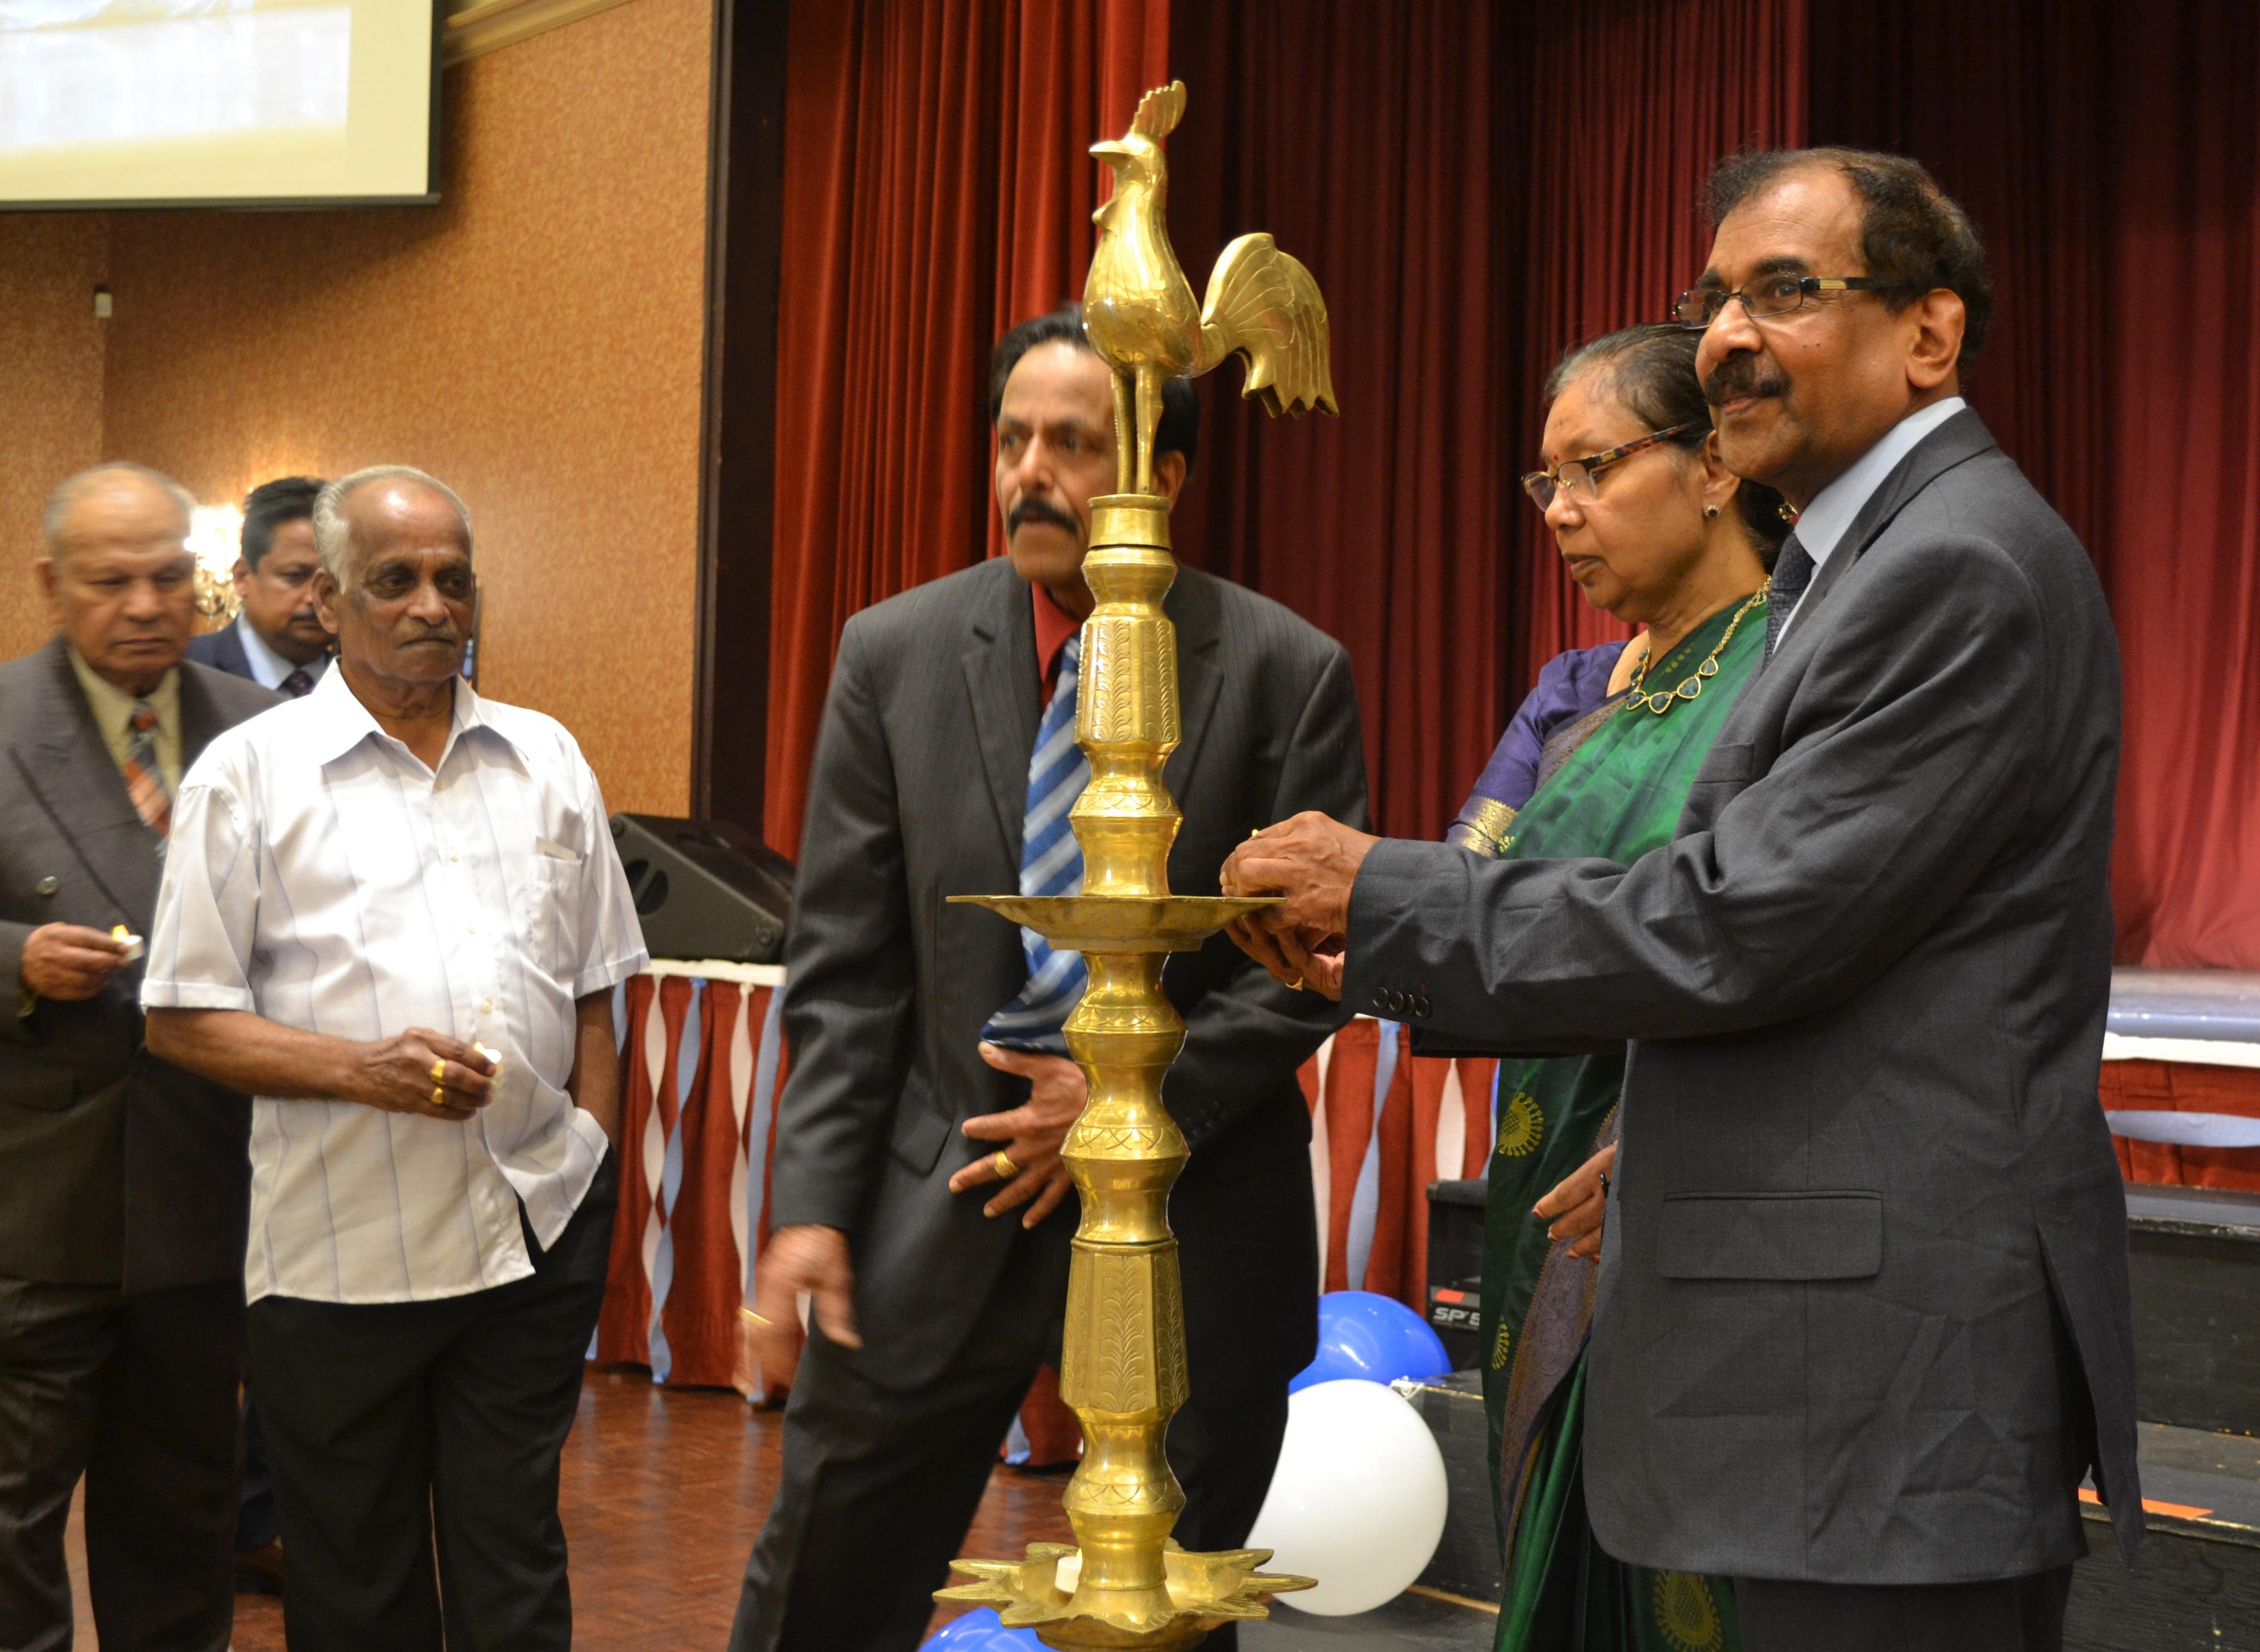 10வது ஆண்டு நிறைவு விழாவைக் கொண்டாடிய சொப்கா குடும்ப மன்றம்.